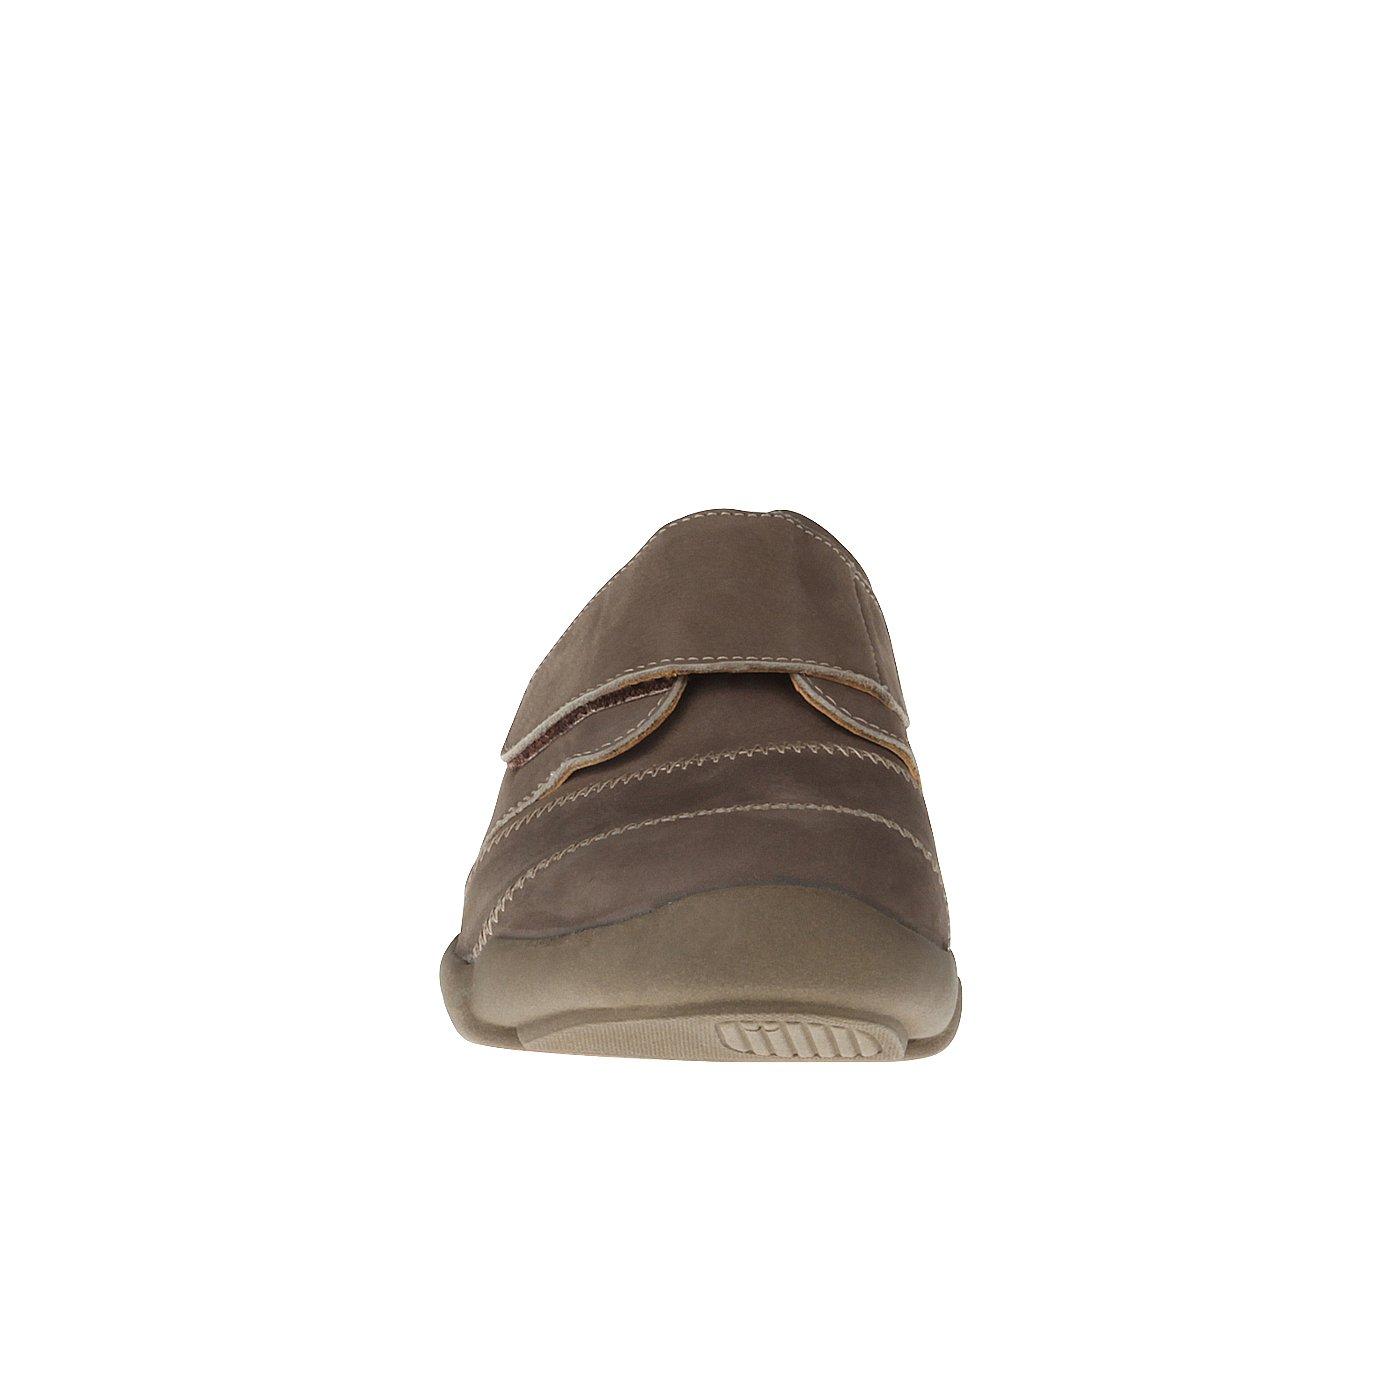 Tessamino Damen Kletter aus echtem Leder     Freizeit   Weite G & H   für Einlagen 40b5d1